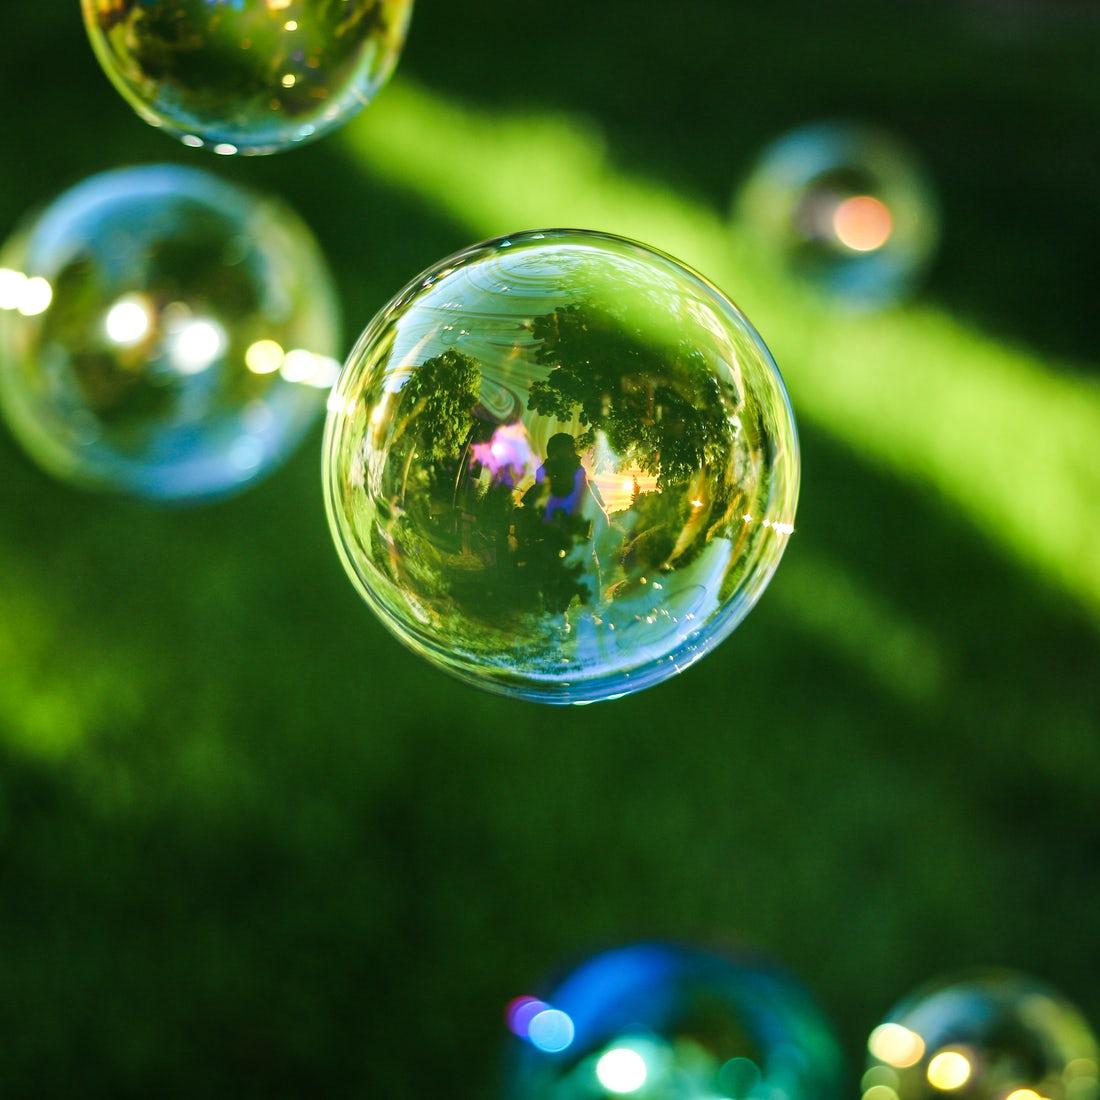 bulle d'éclat